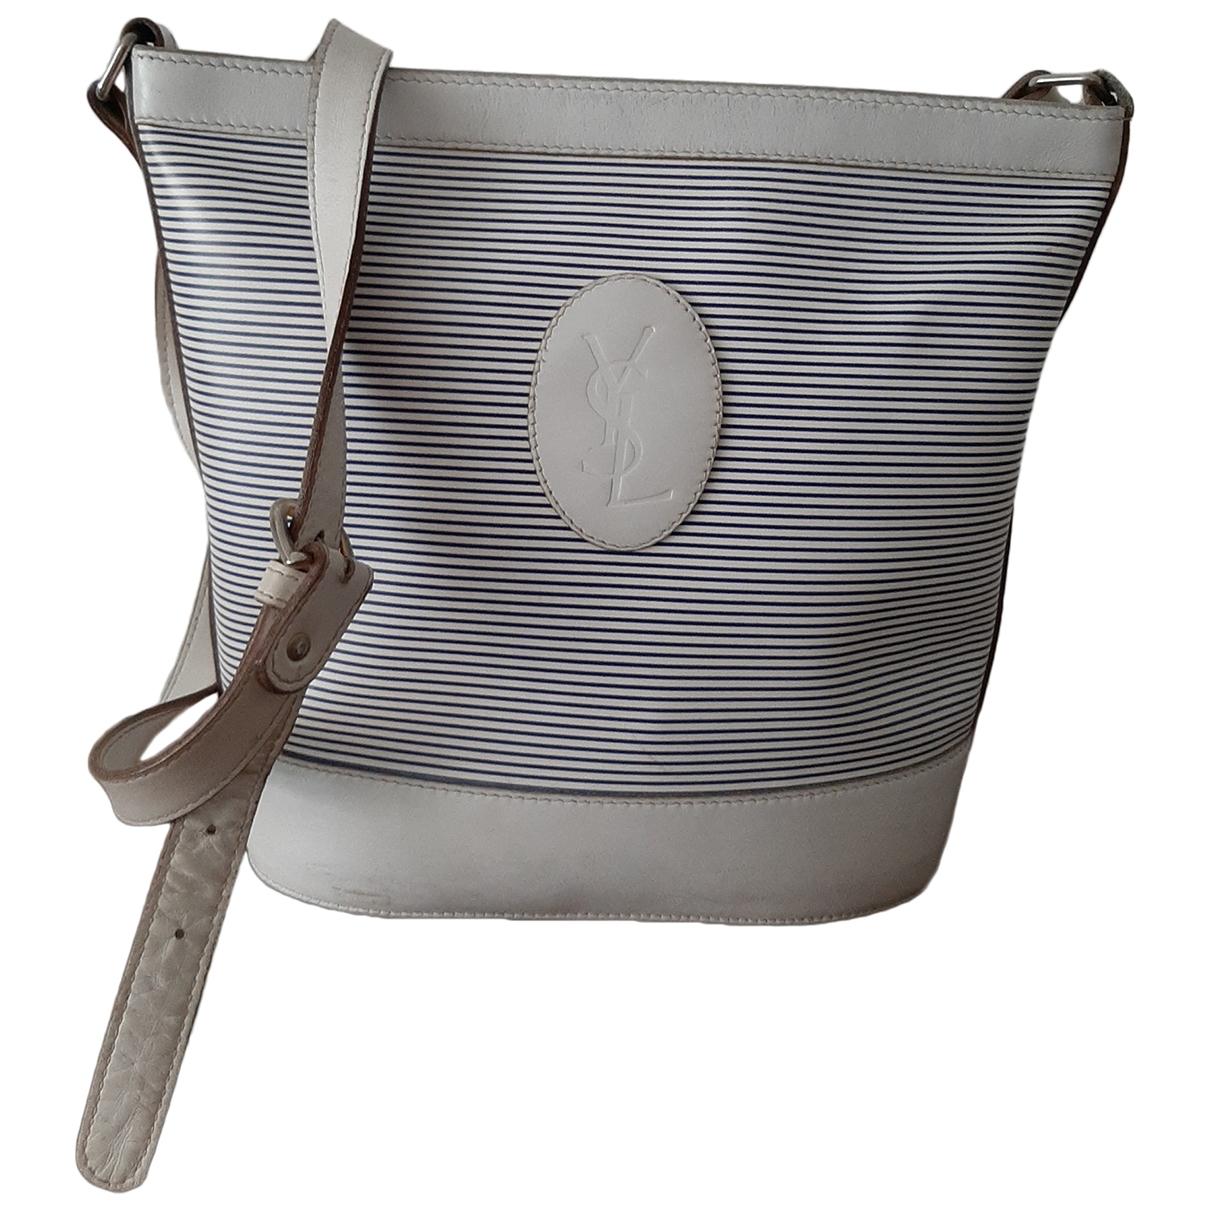 Yves Saint Laurent \N White Cloth handbag for Women \N